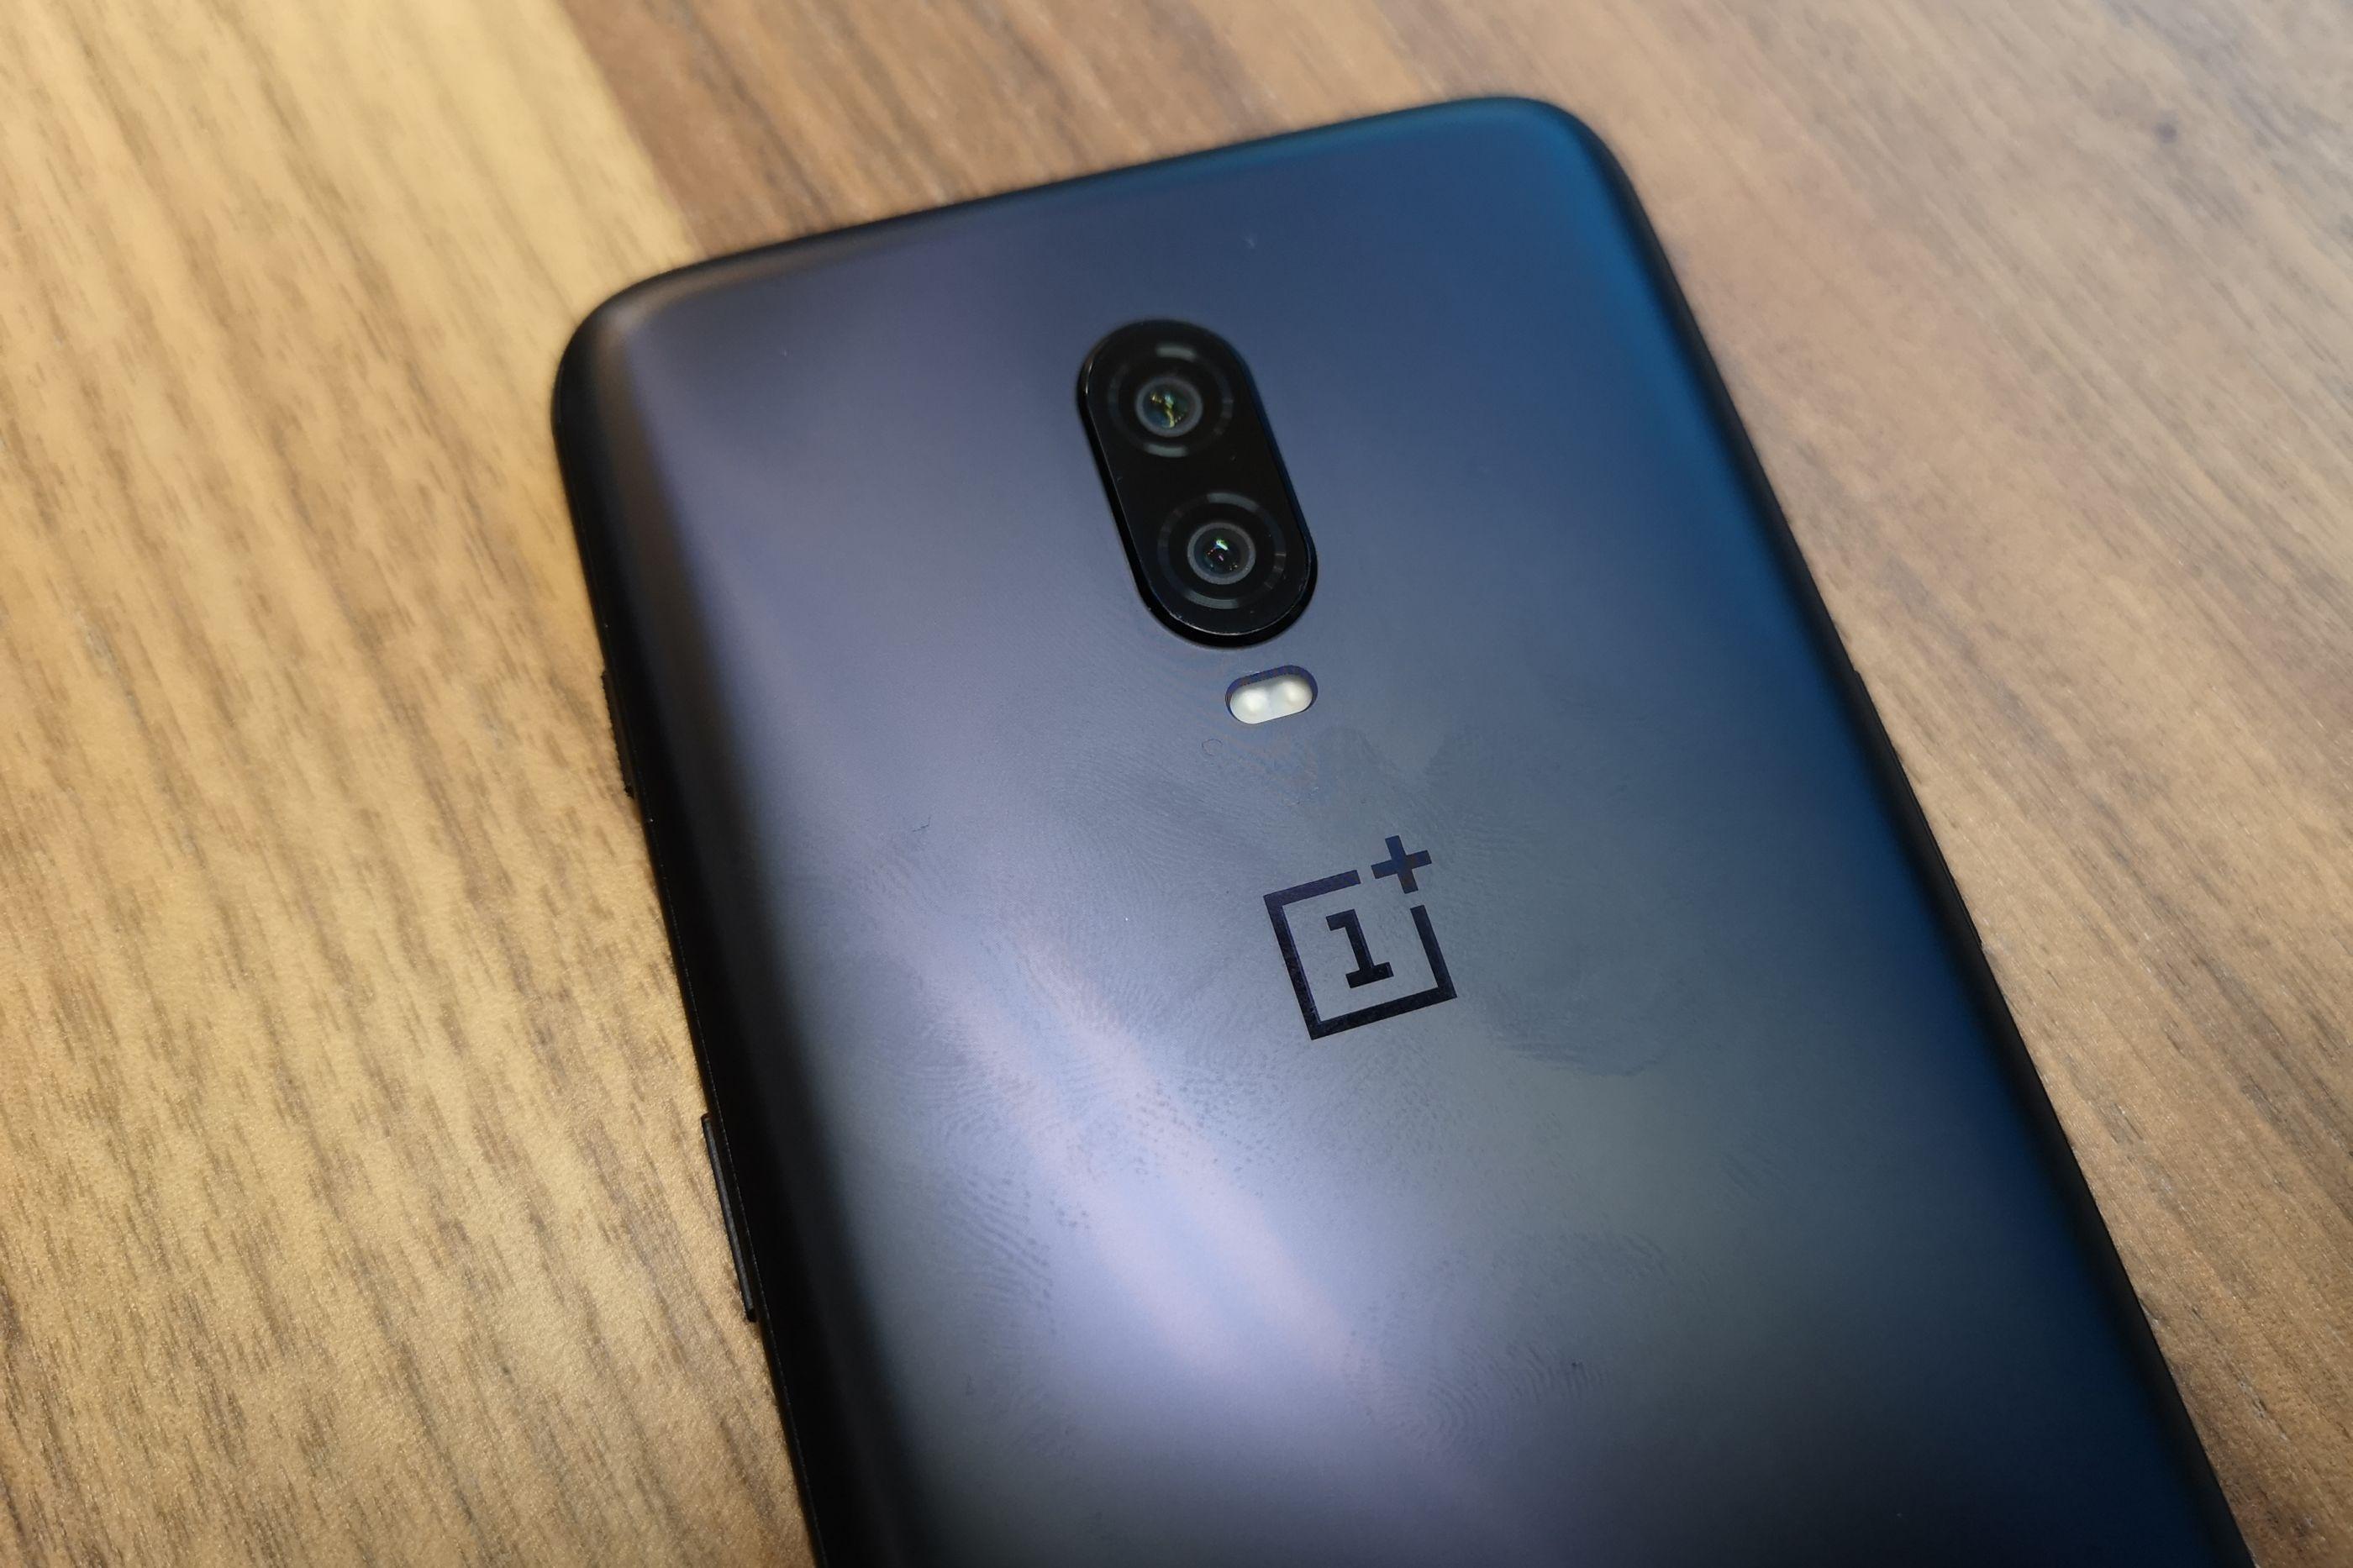 OnePlus revela motivos para remover capacidade de usar phones com fios